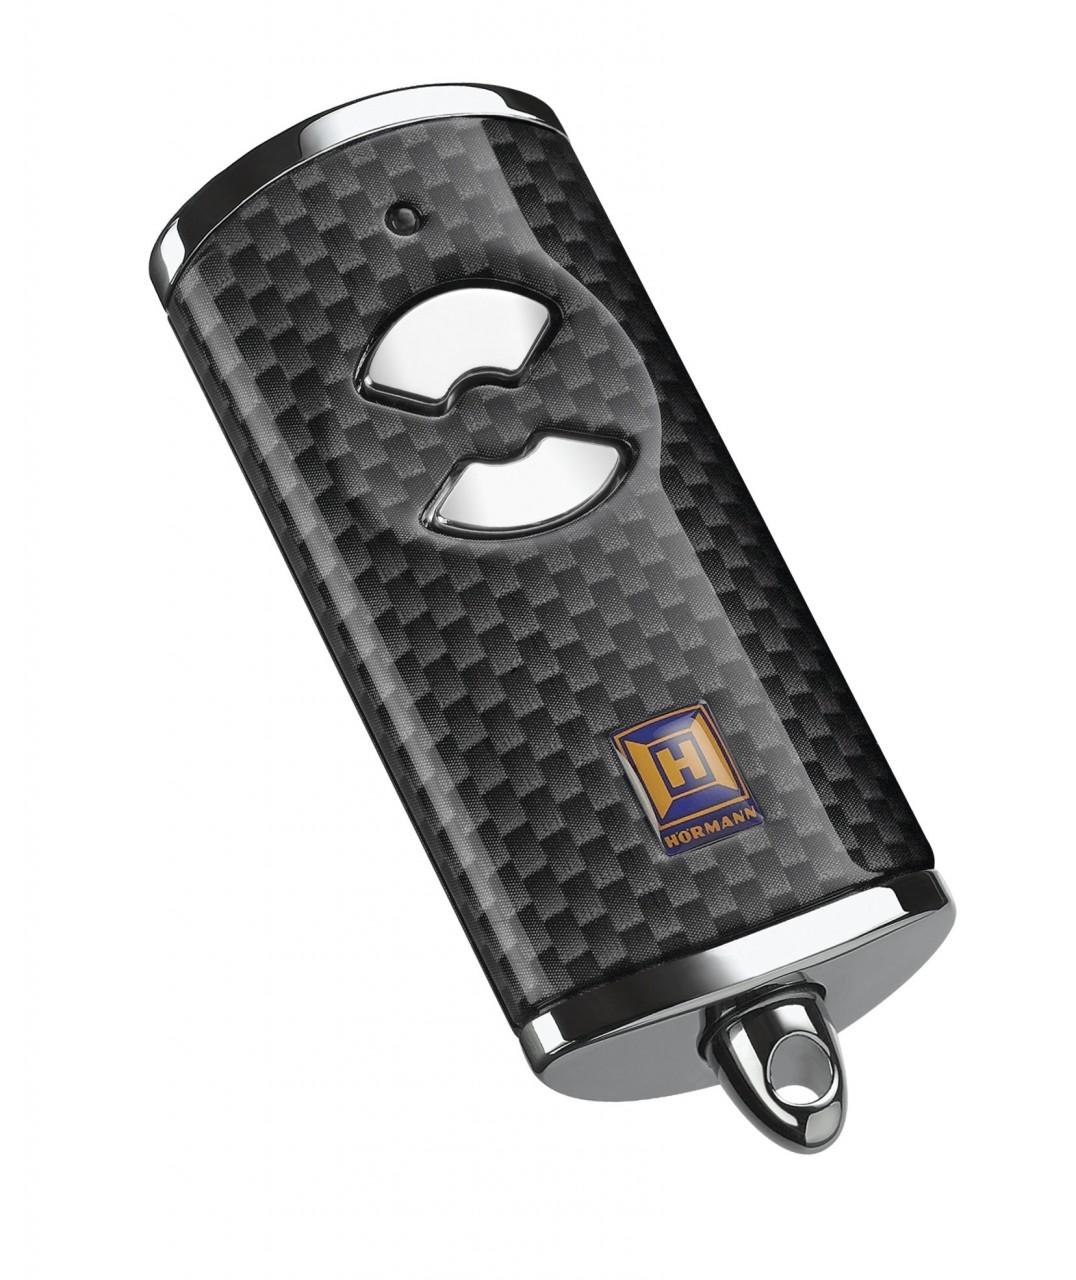 Hörmann Handsender HSE 2 868 MHz BiSecur Carbon